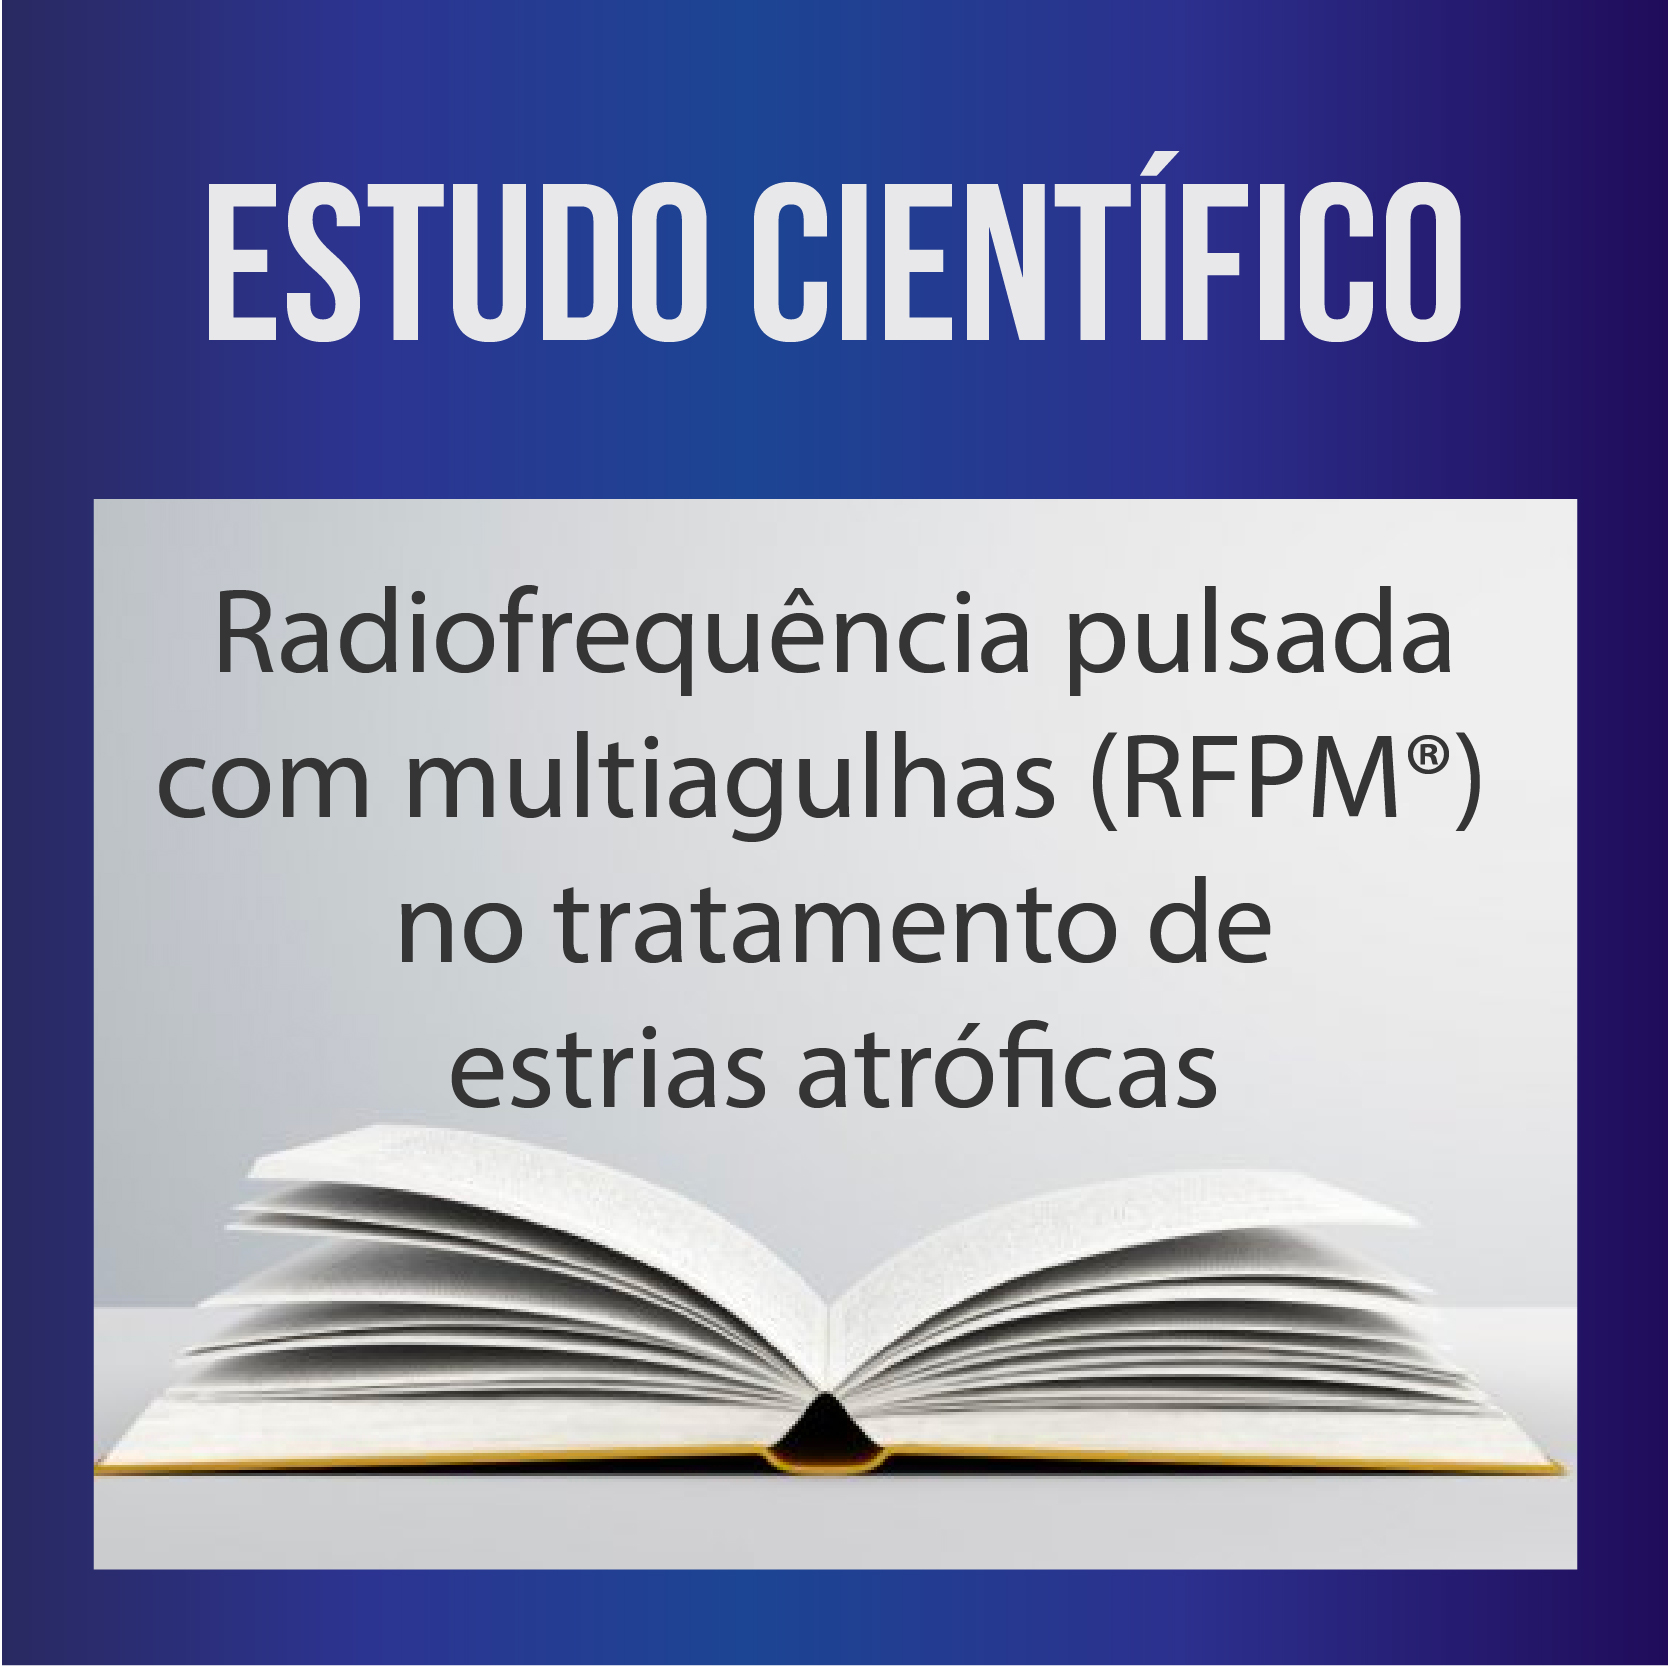 Radiofrequência pulsada com multiagulhas (RFPM®) no tratamento de estrias atróficas